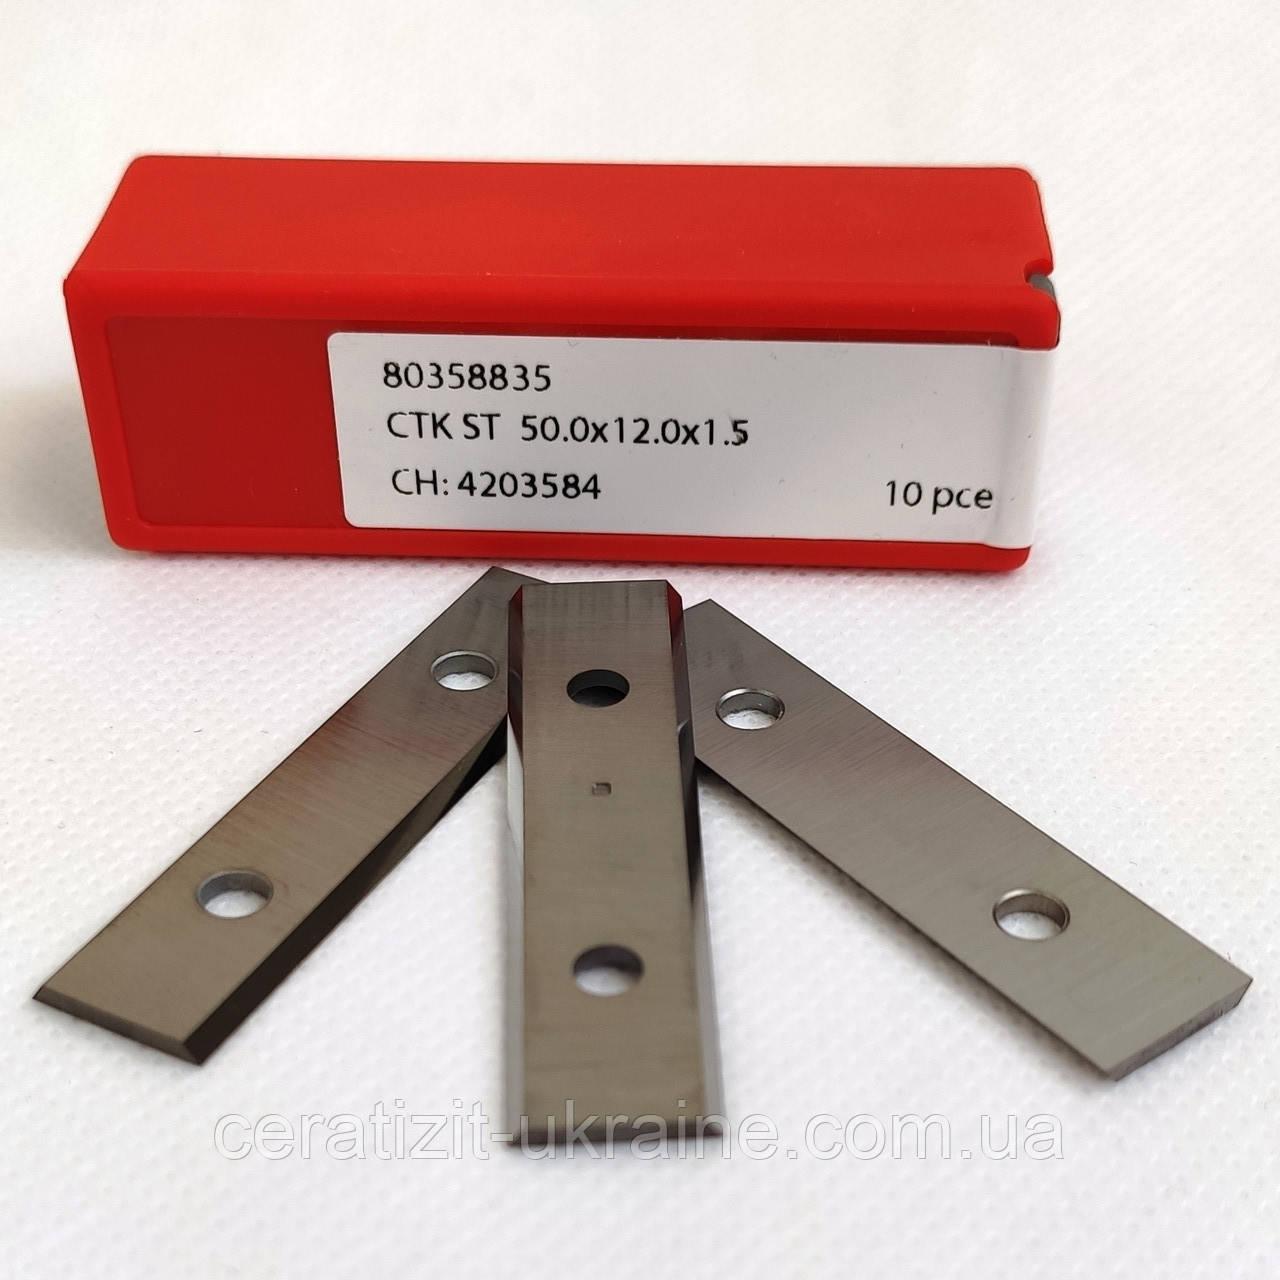 Ніж змінний тб/спл HW 50,0х12,0х1,5 KCR08 Ceratizit (Люксембург)